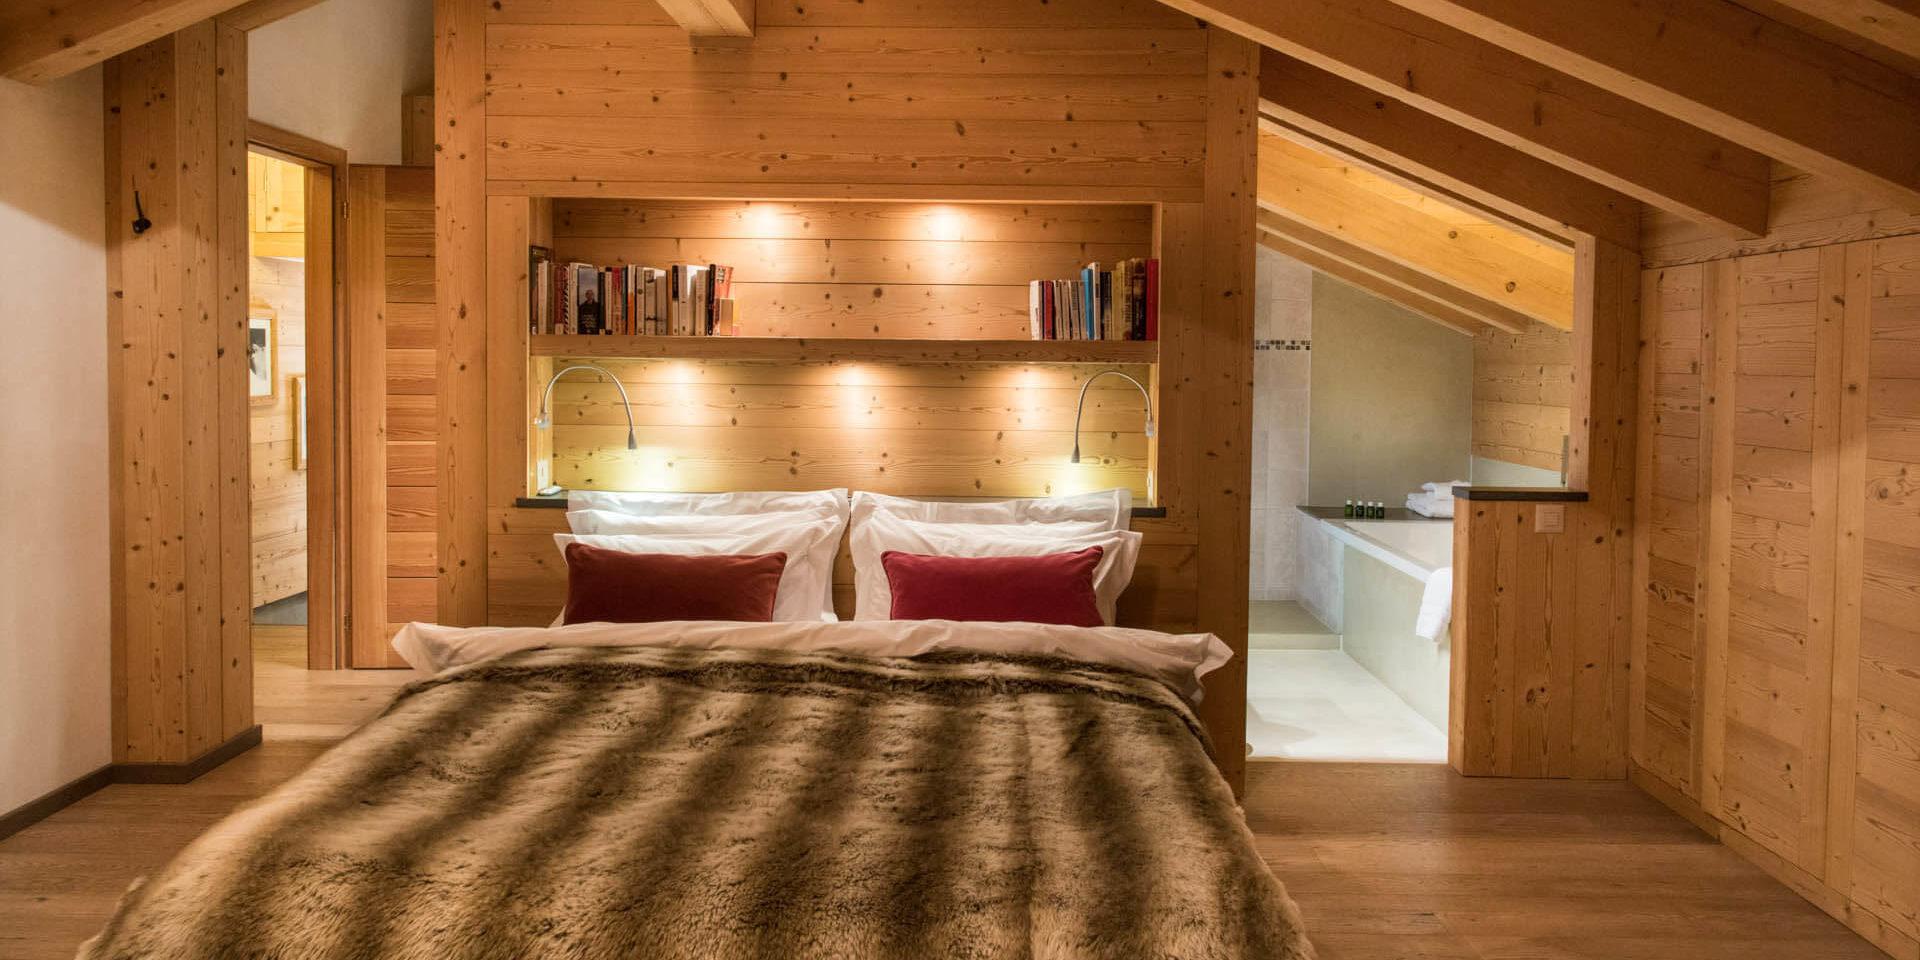 Chalet Rock Verbier Les 4 Vallees Zwitserland wintersport skivakantie luxe slaapkamer 2-persoonsbed bedsprei boeken nachtlampje badkamer bad